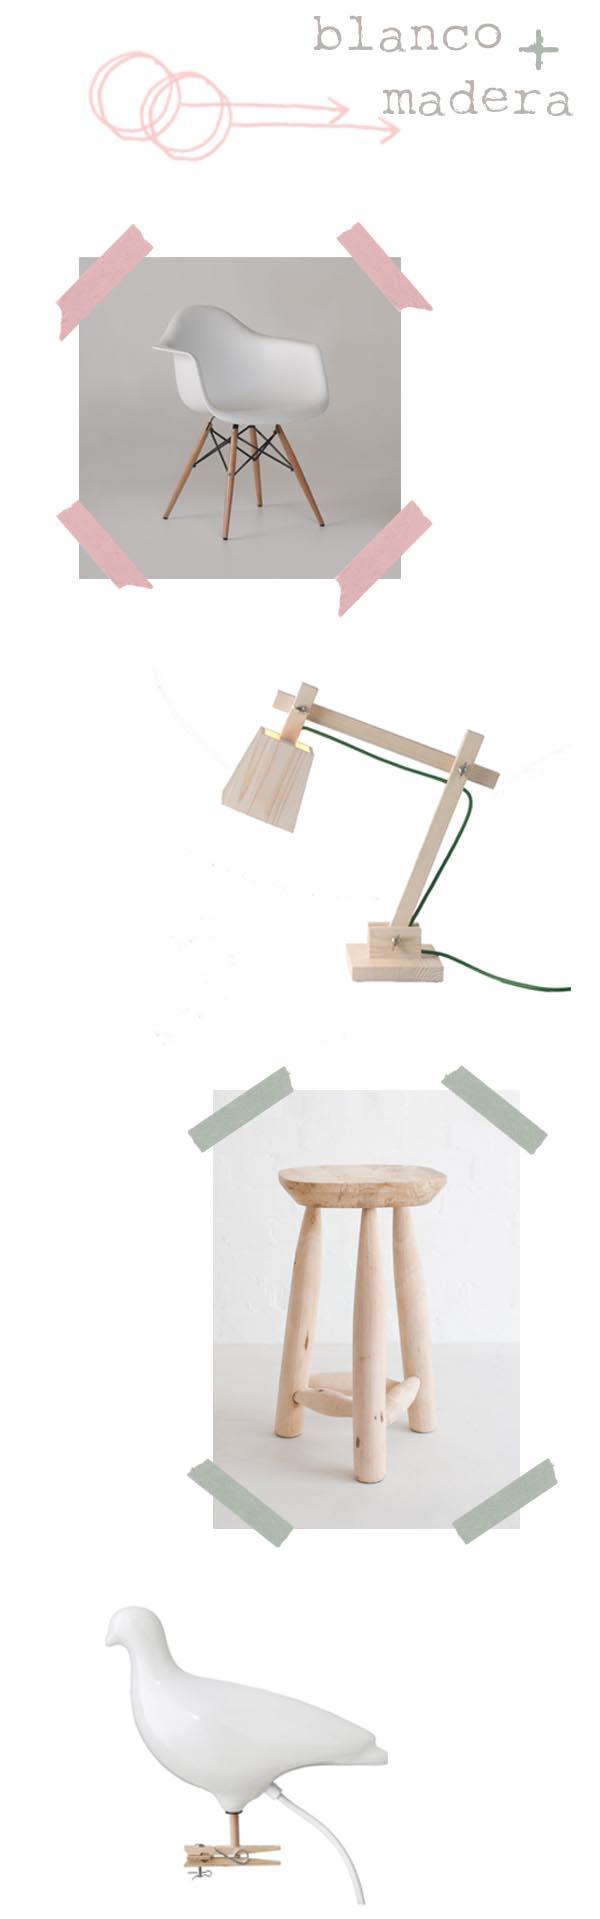 blanco-y-madera